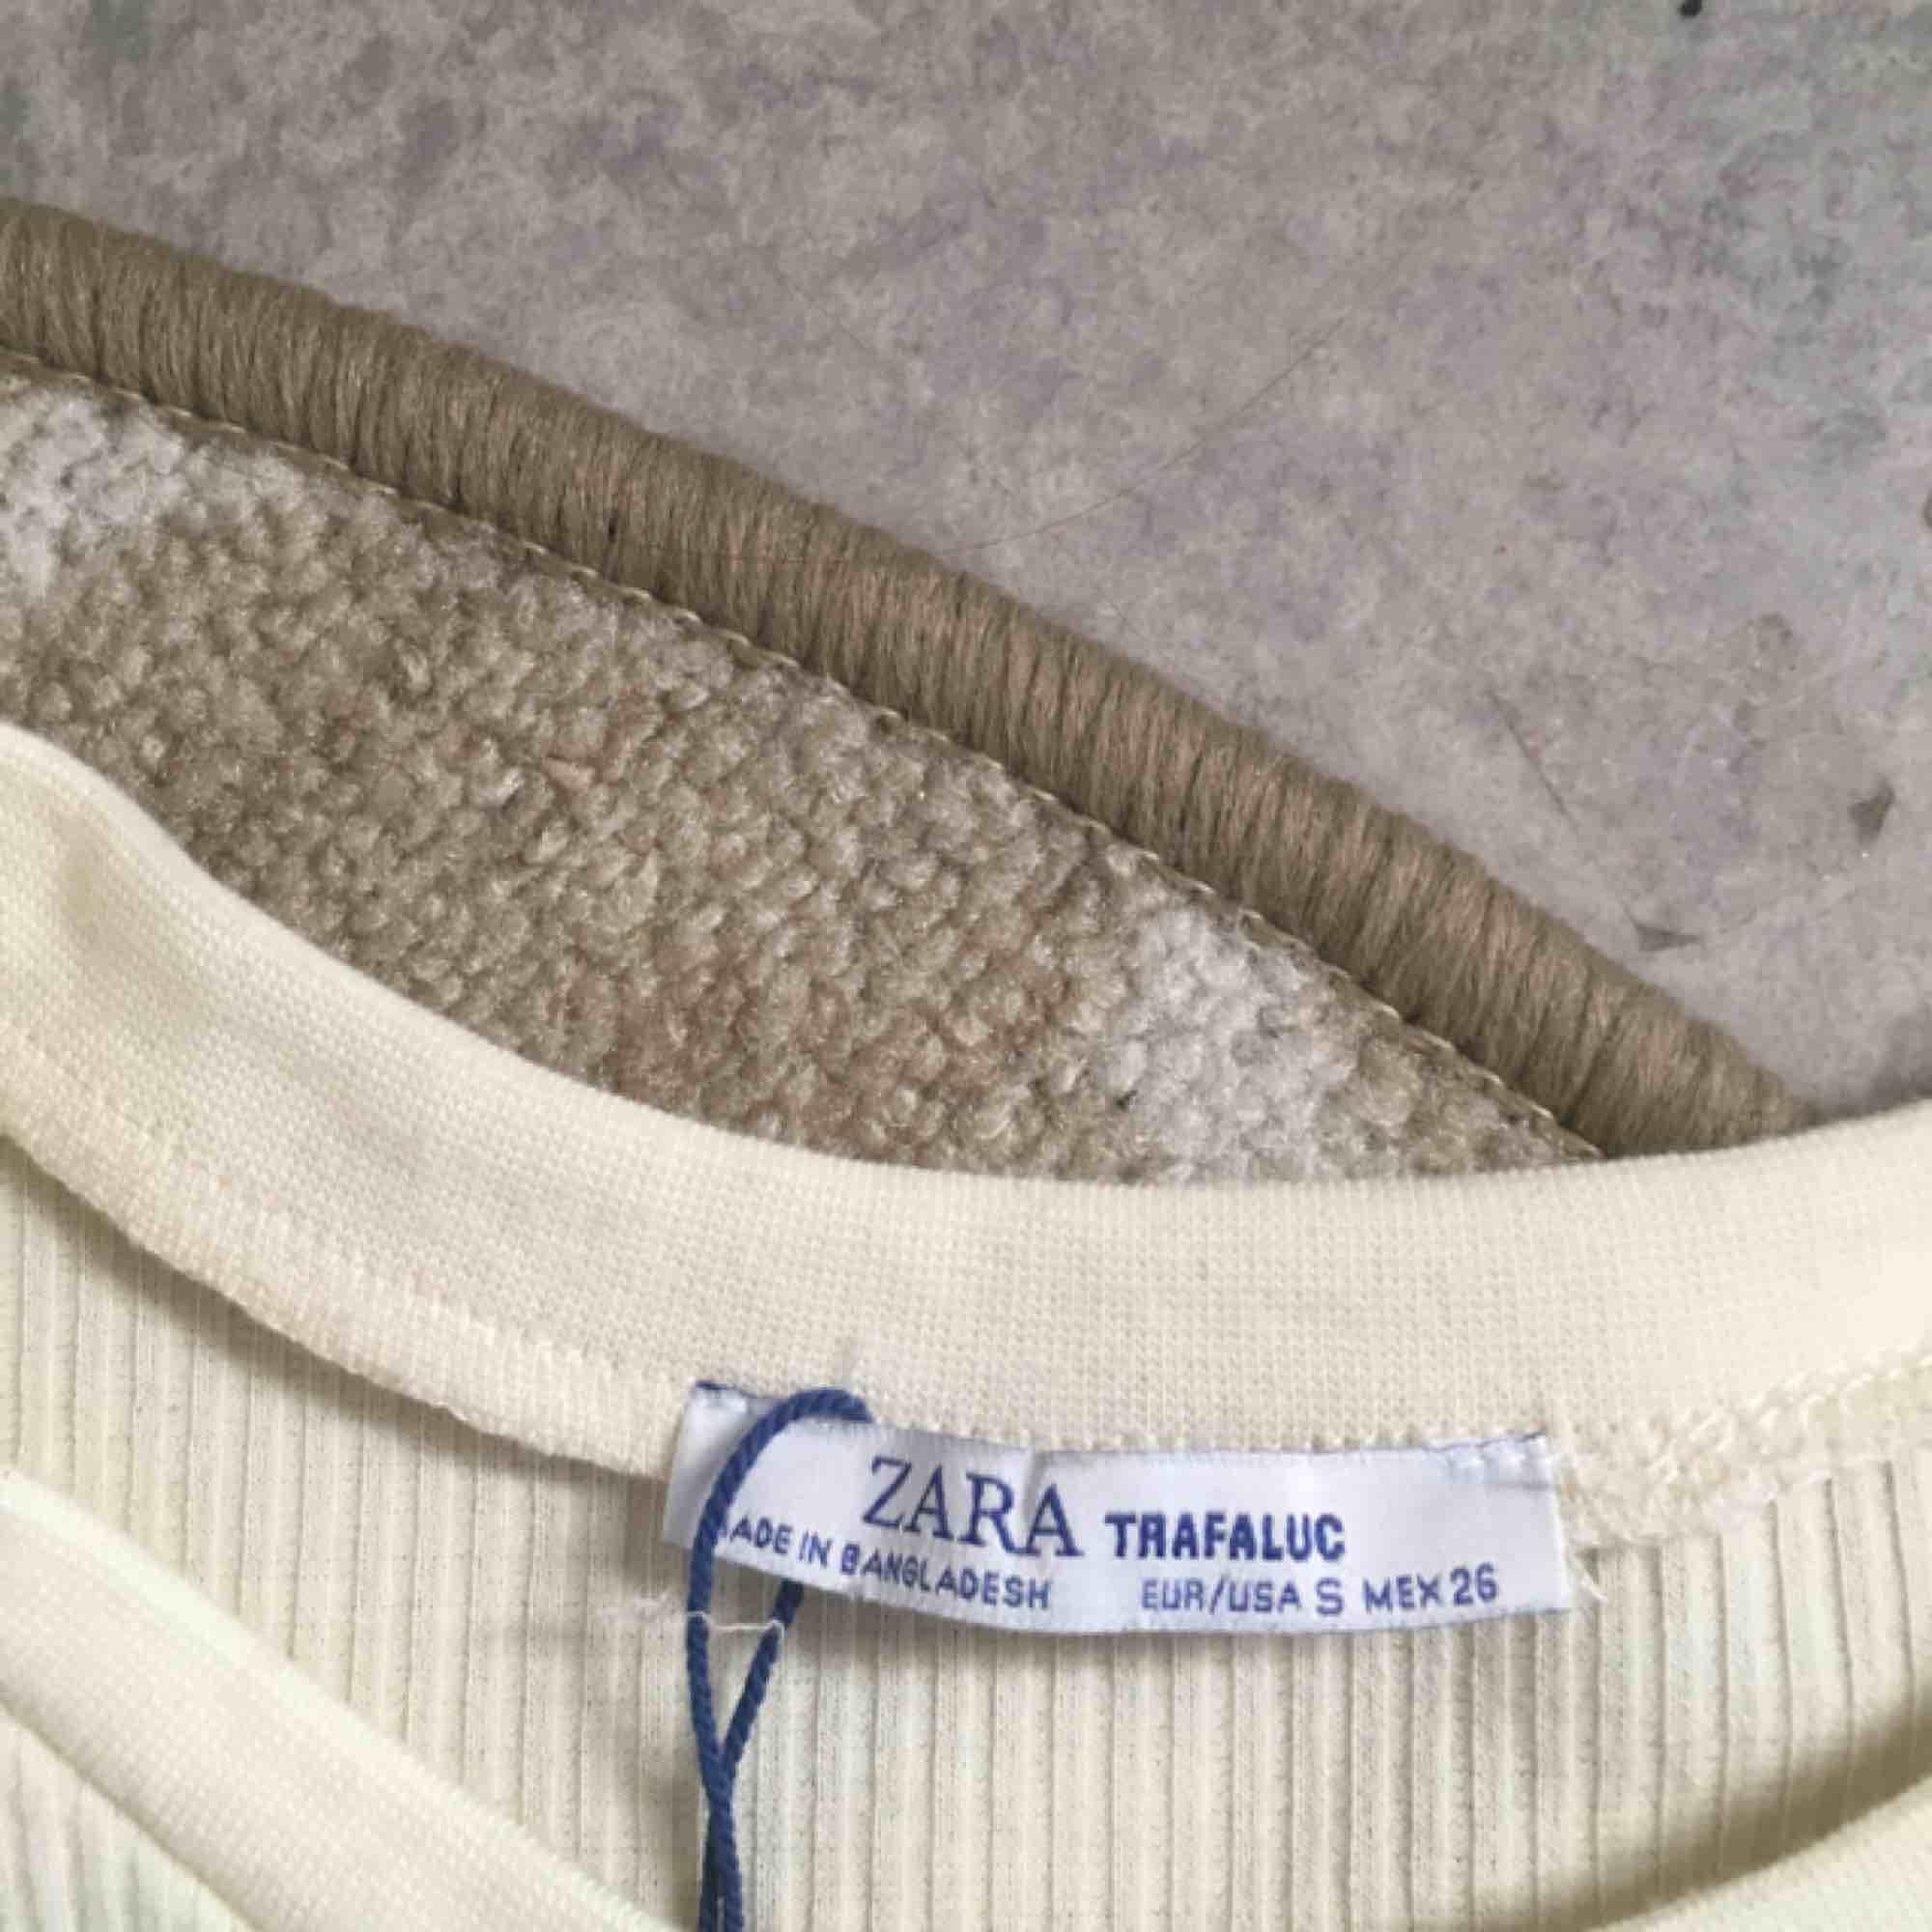 Ribbad tight t-shirt från zaras trf kollektion💕💕💕💕 i en beige färg. Toppar.